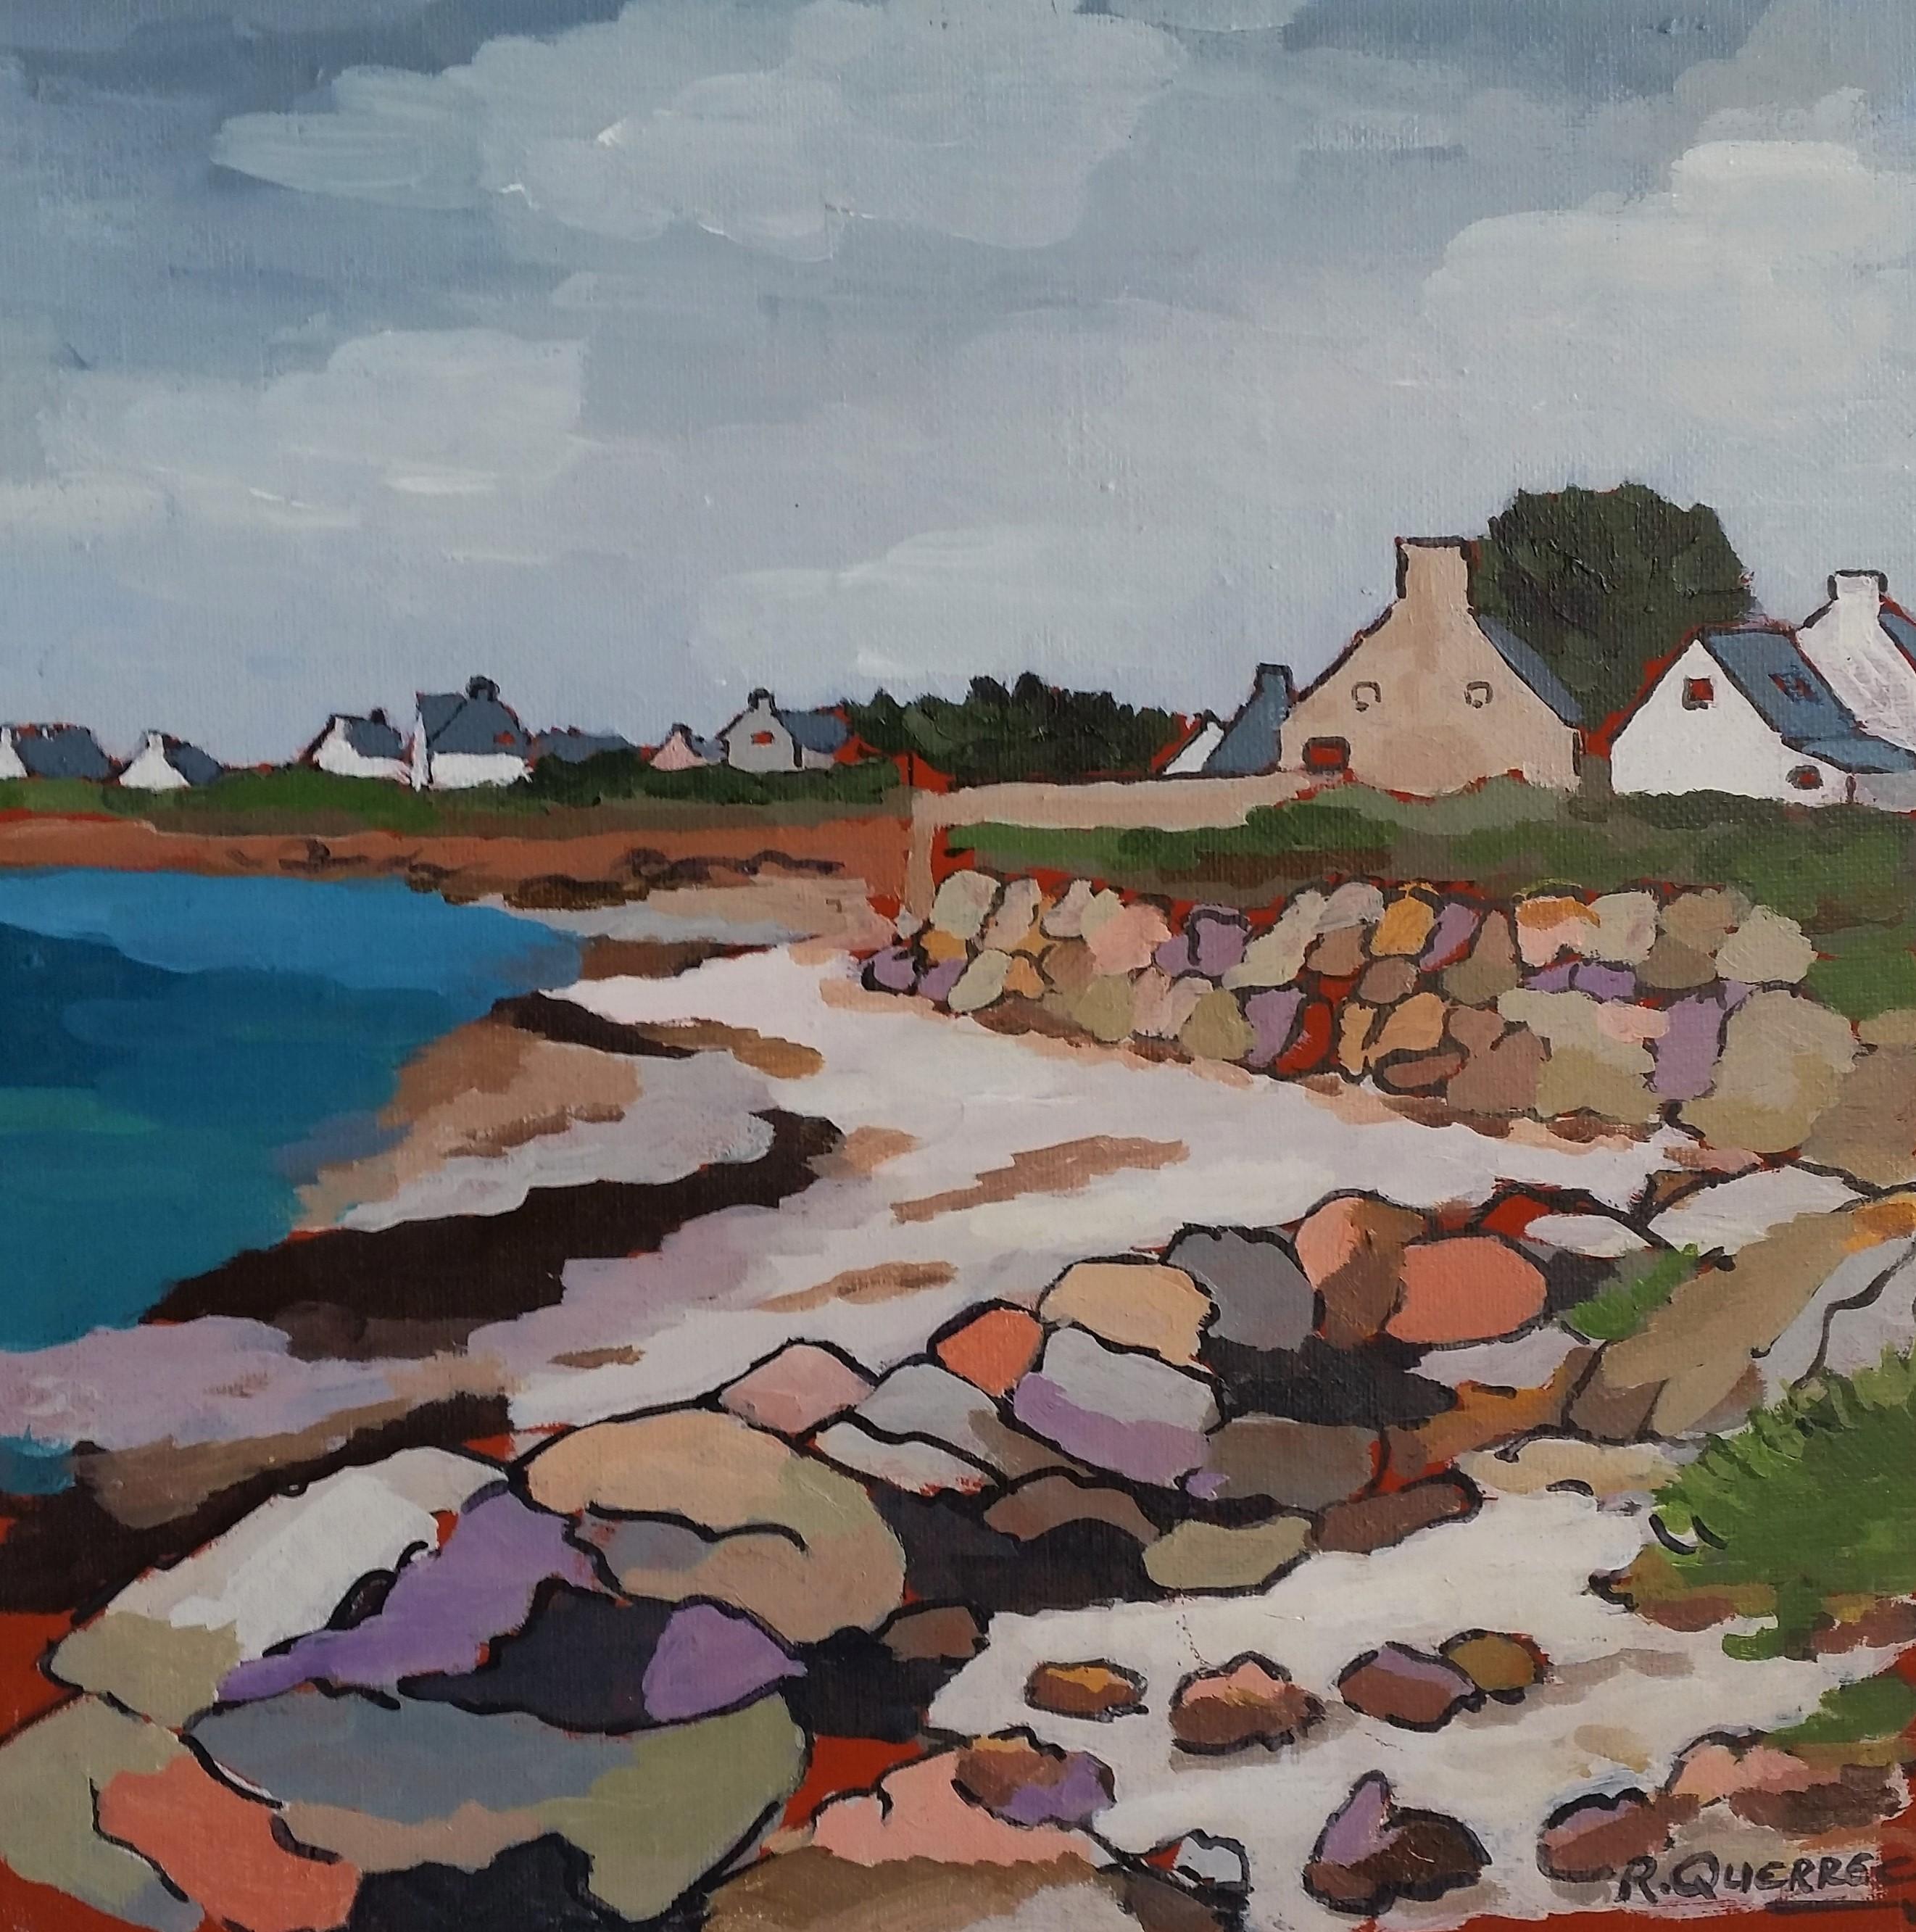 La côte à Larvor - loctudy. 30x30. René QUERREC.